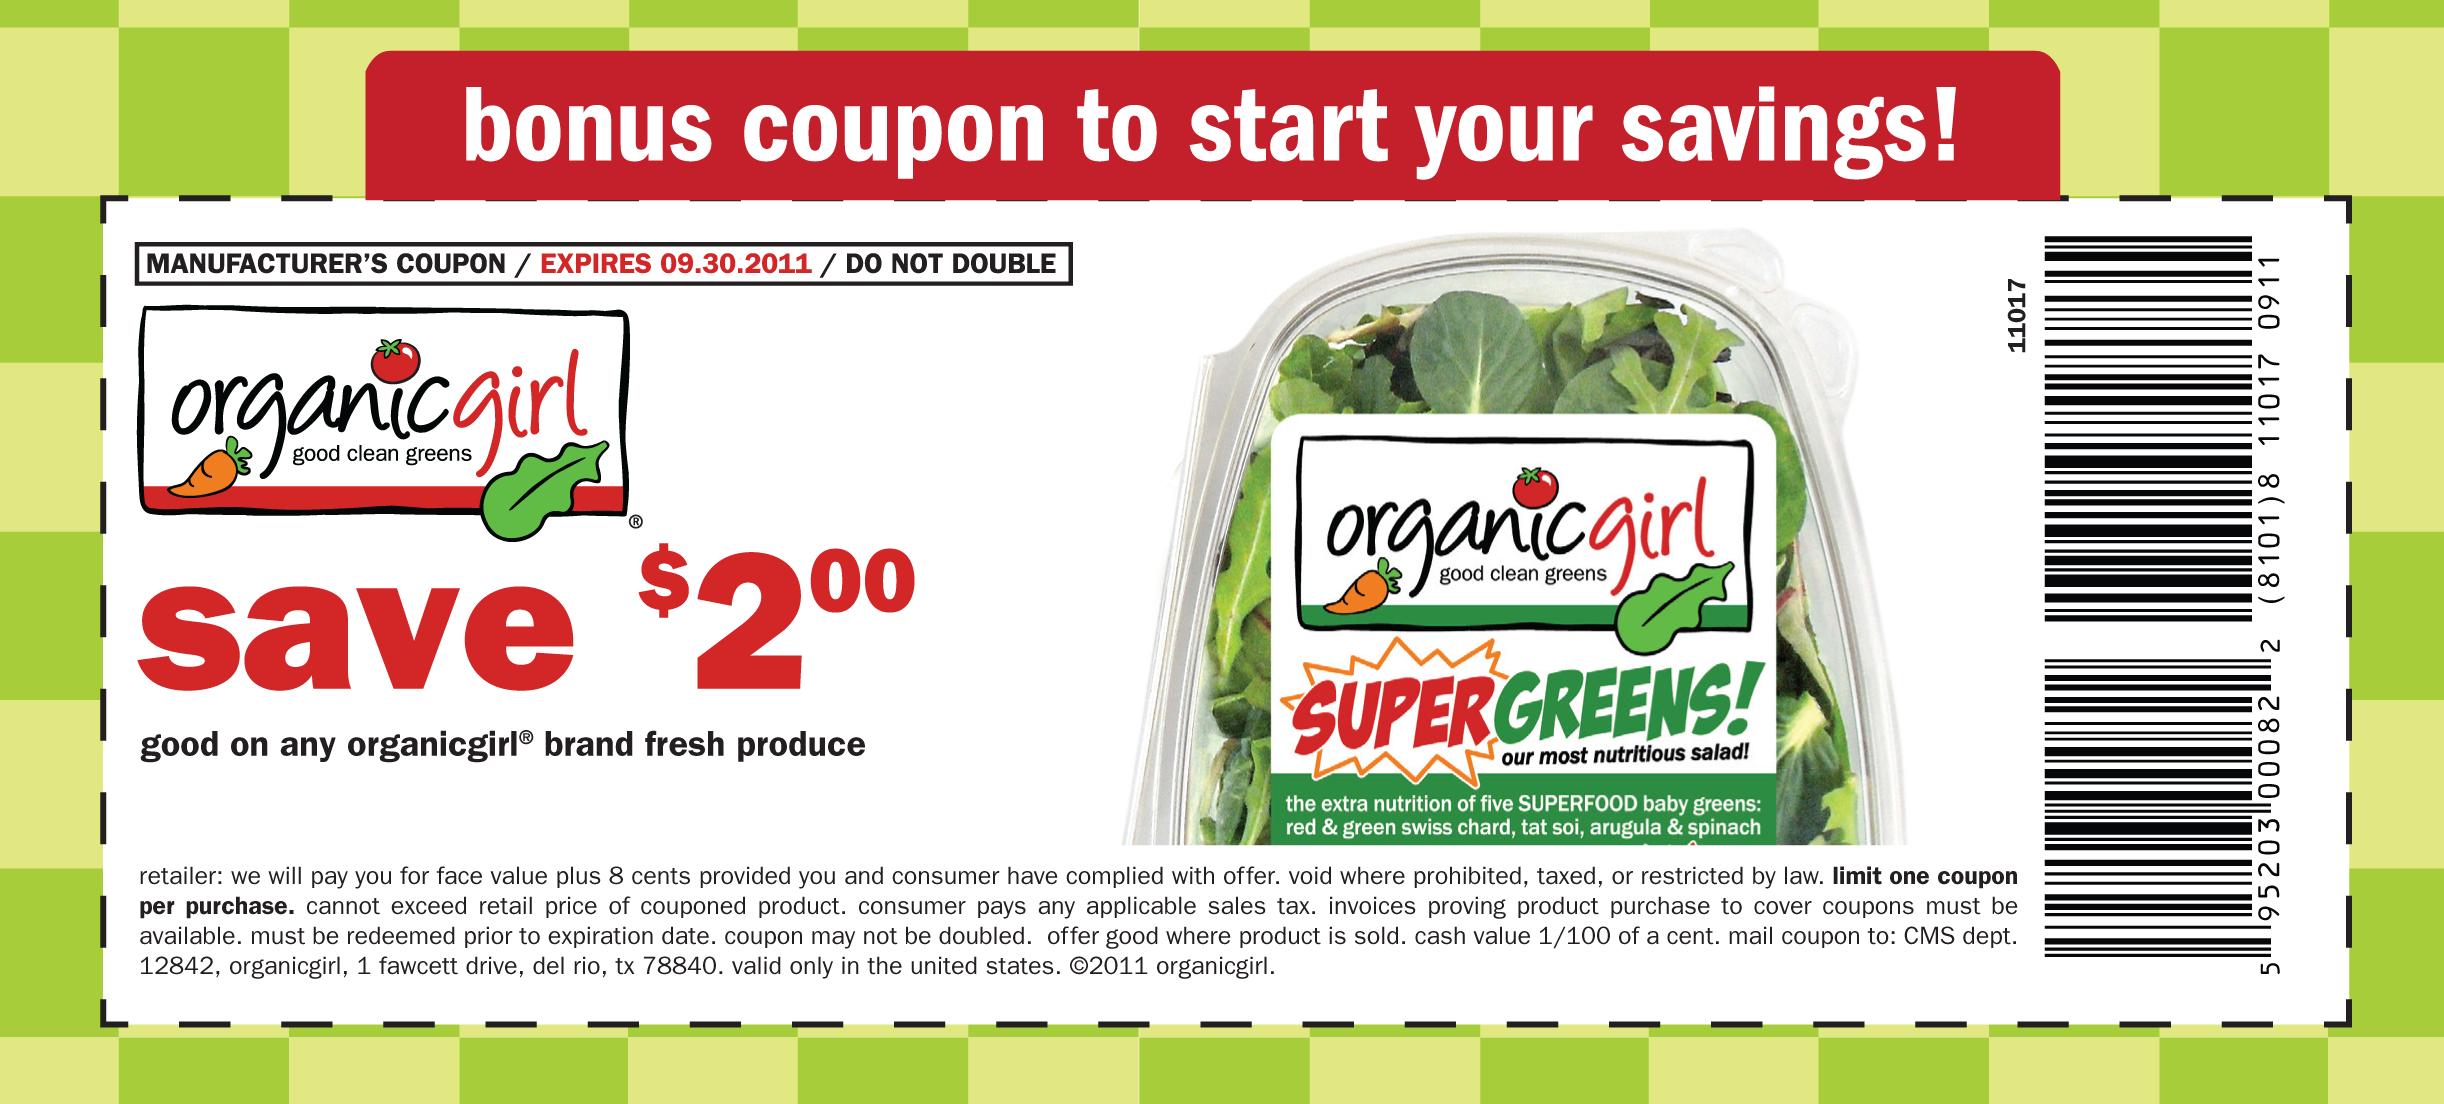 Organic printable coupons